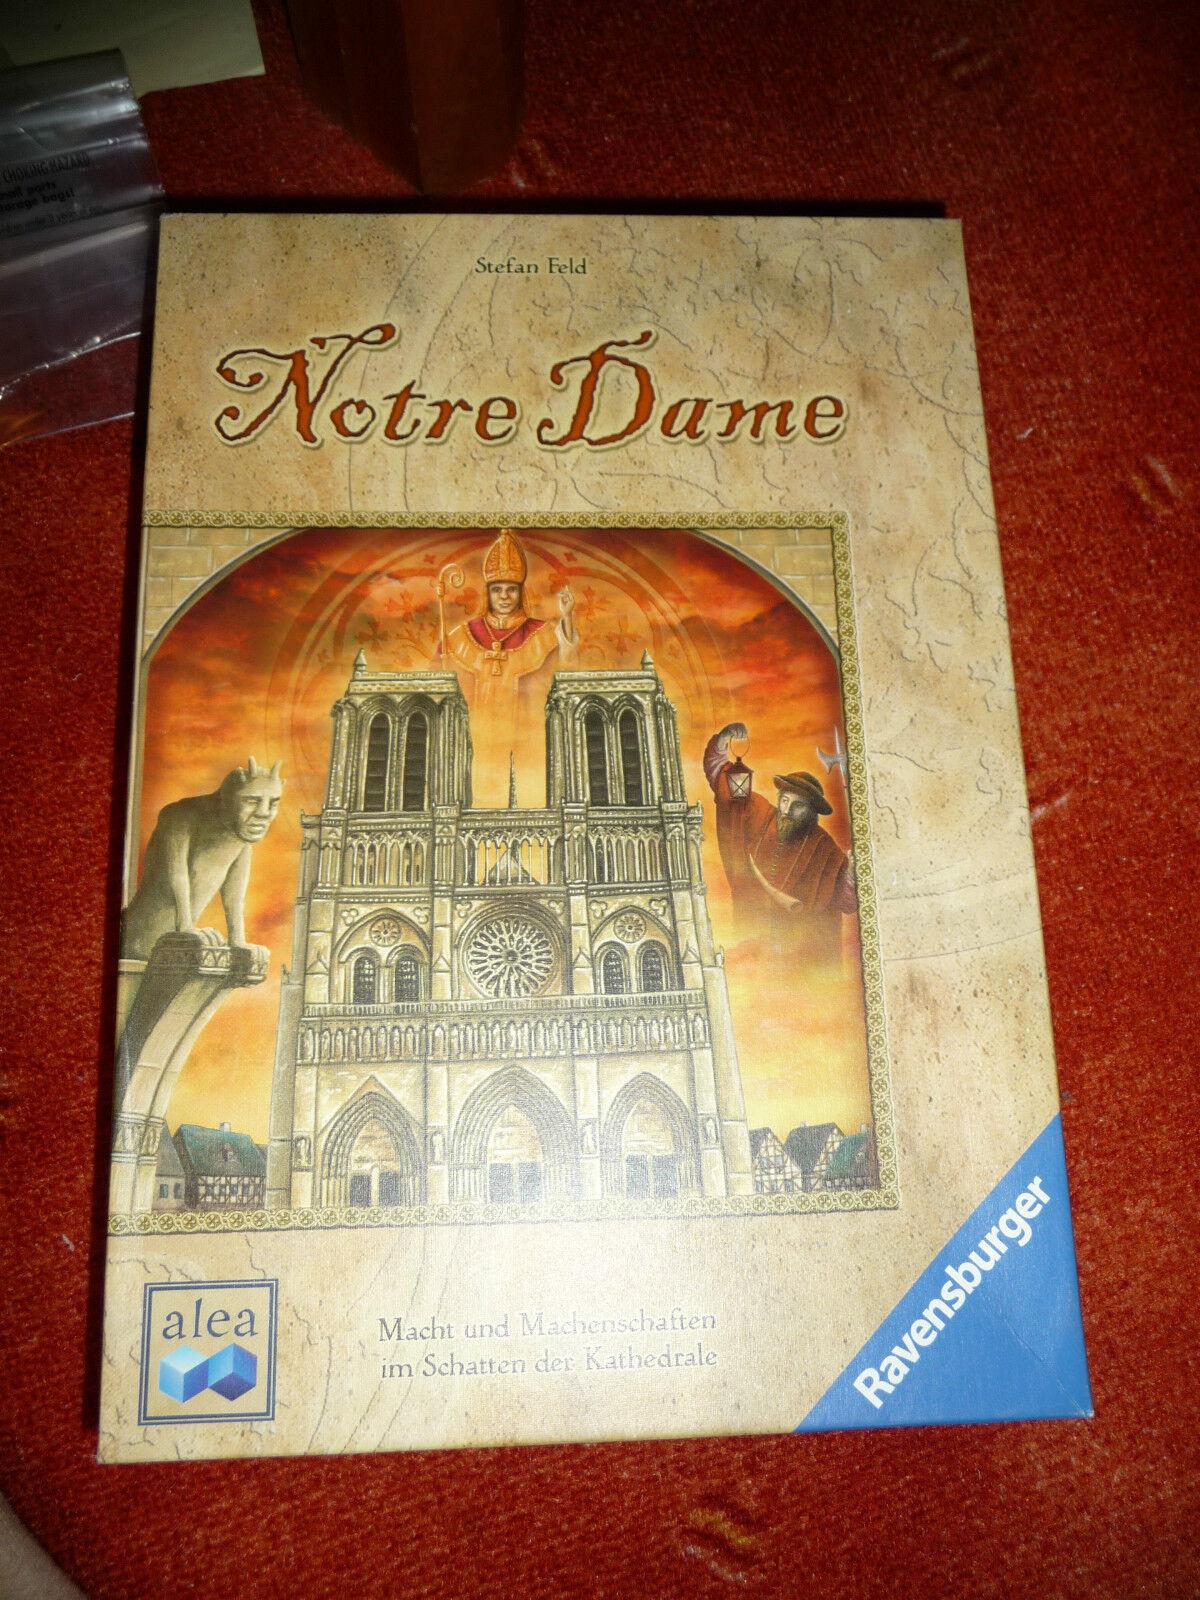 Notre Dame Spiel   Brettspiel  Strategie - Stefan Feld - Ravensburger